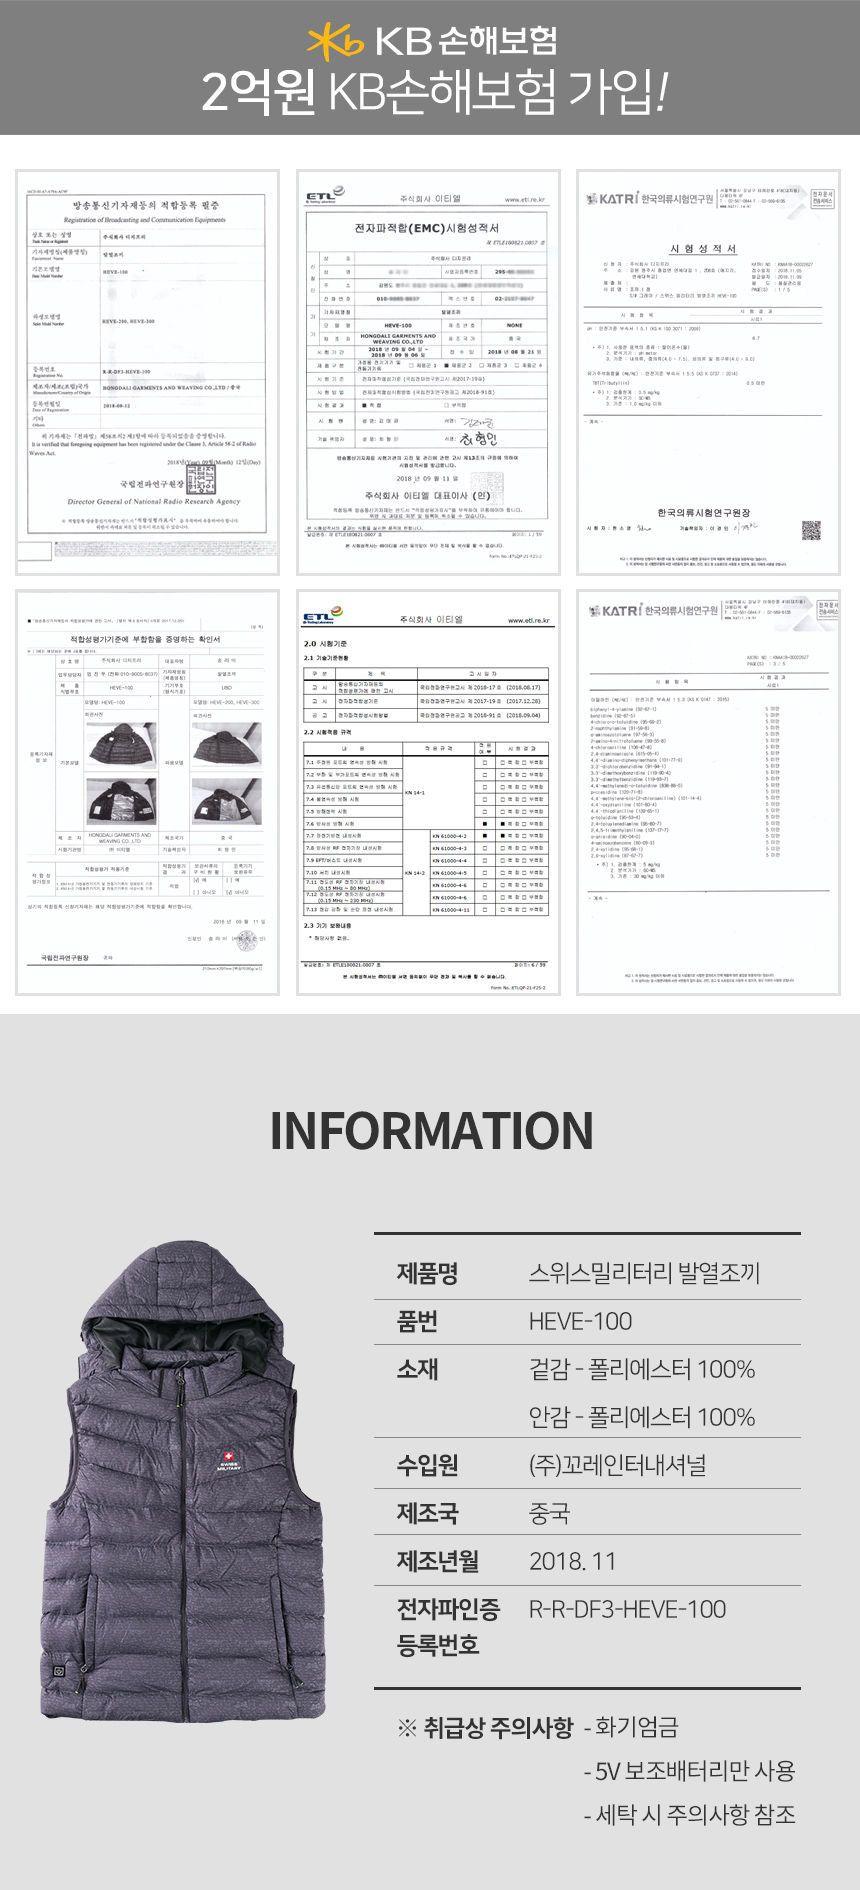 스위스 밀리터리 발열조끼 - 젠틀맨초이스, 110,000원, USB 계절가전, 방한용품